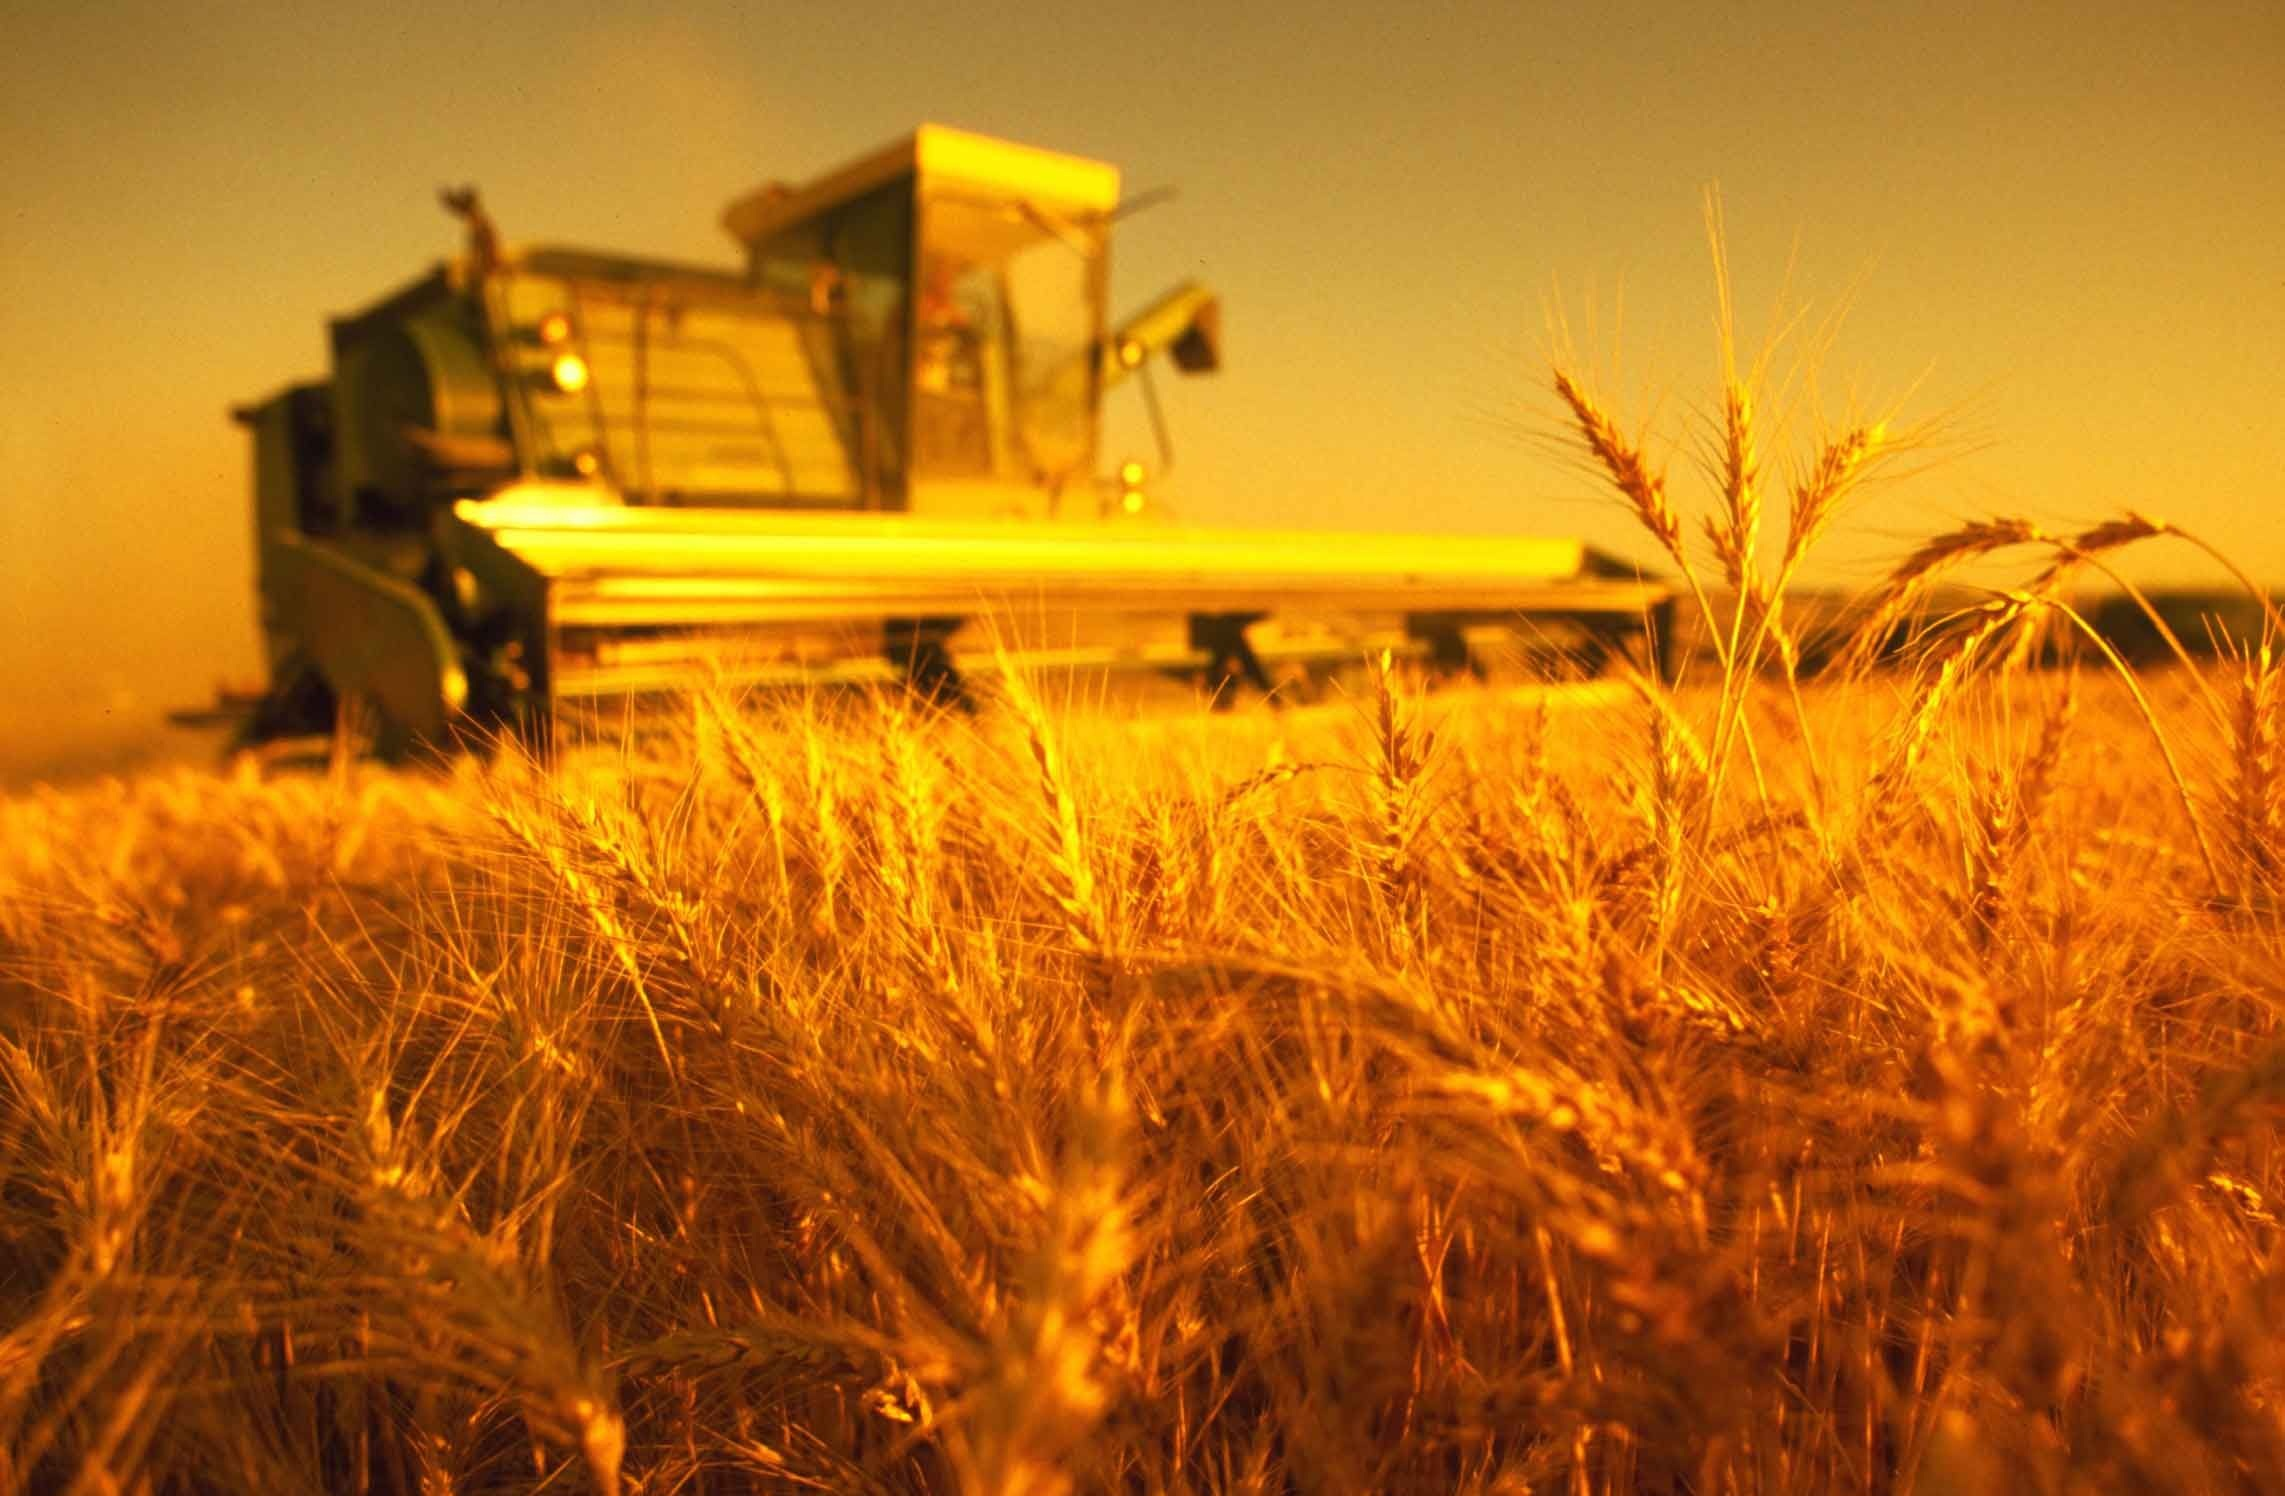 видео красивые картинки к дню сельского хозяйства имена давались